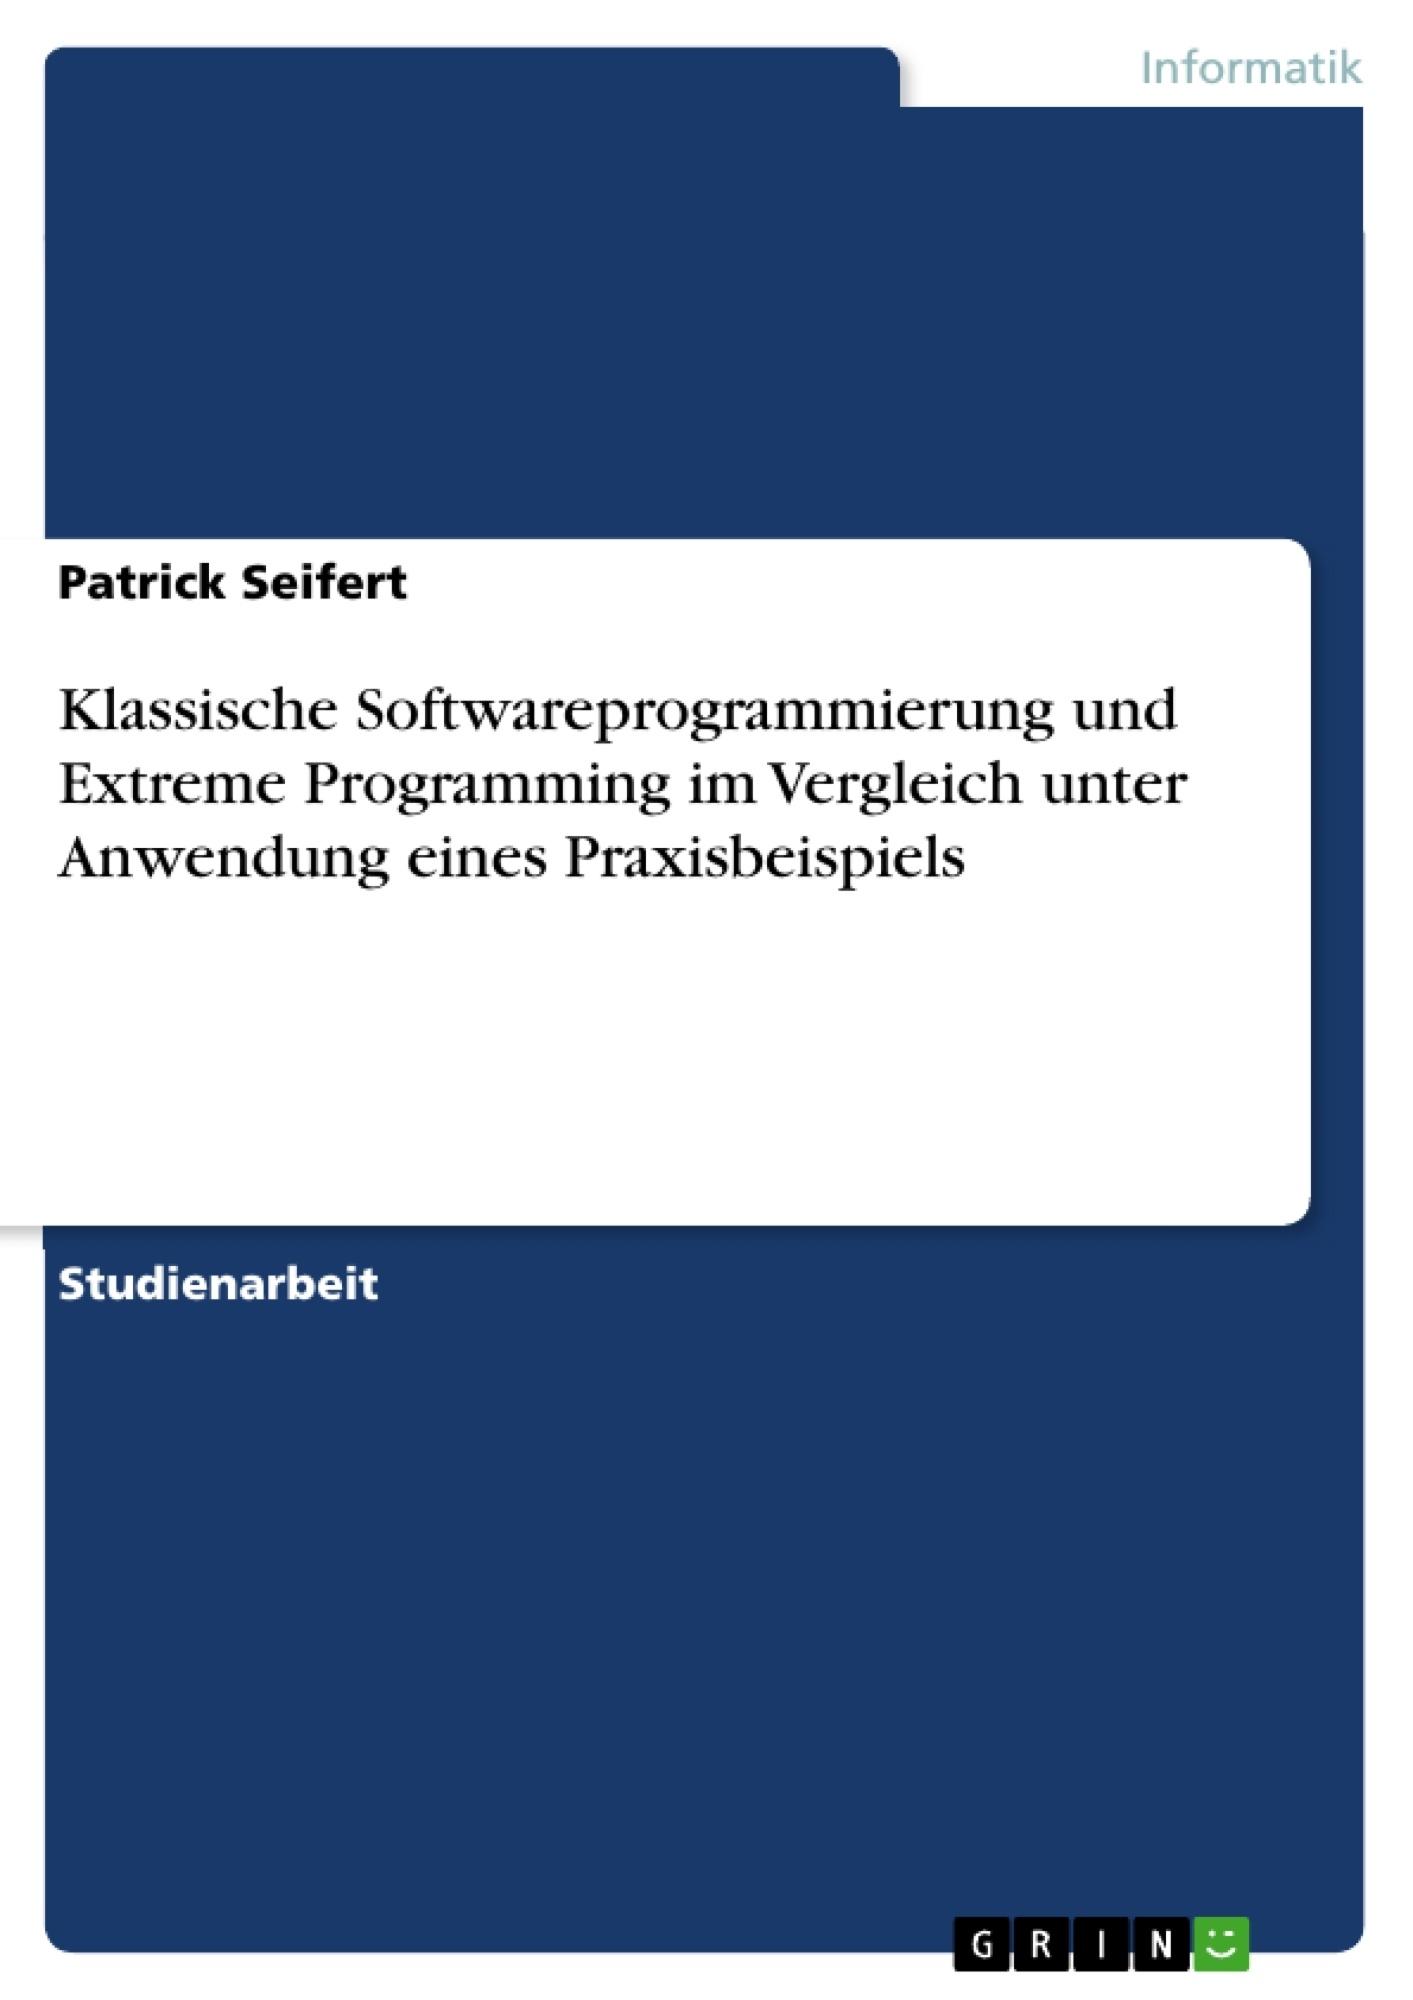 Titel: Klassische Softwareprogrammierung und Extreme Programming im Vergleich unter Anwendung eines Praxisbeispiels